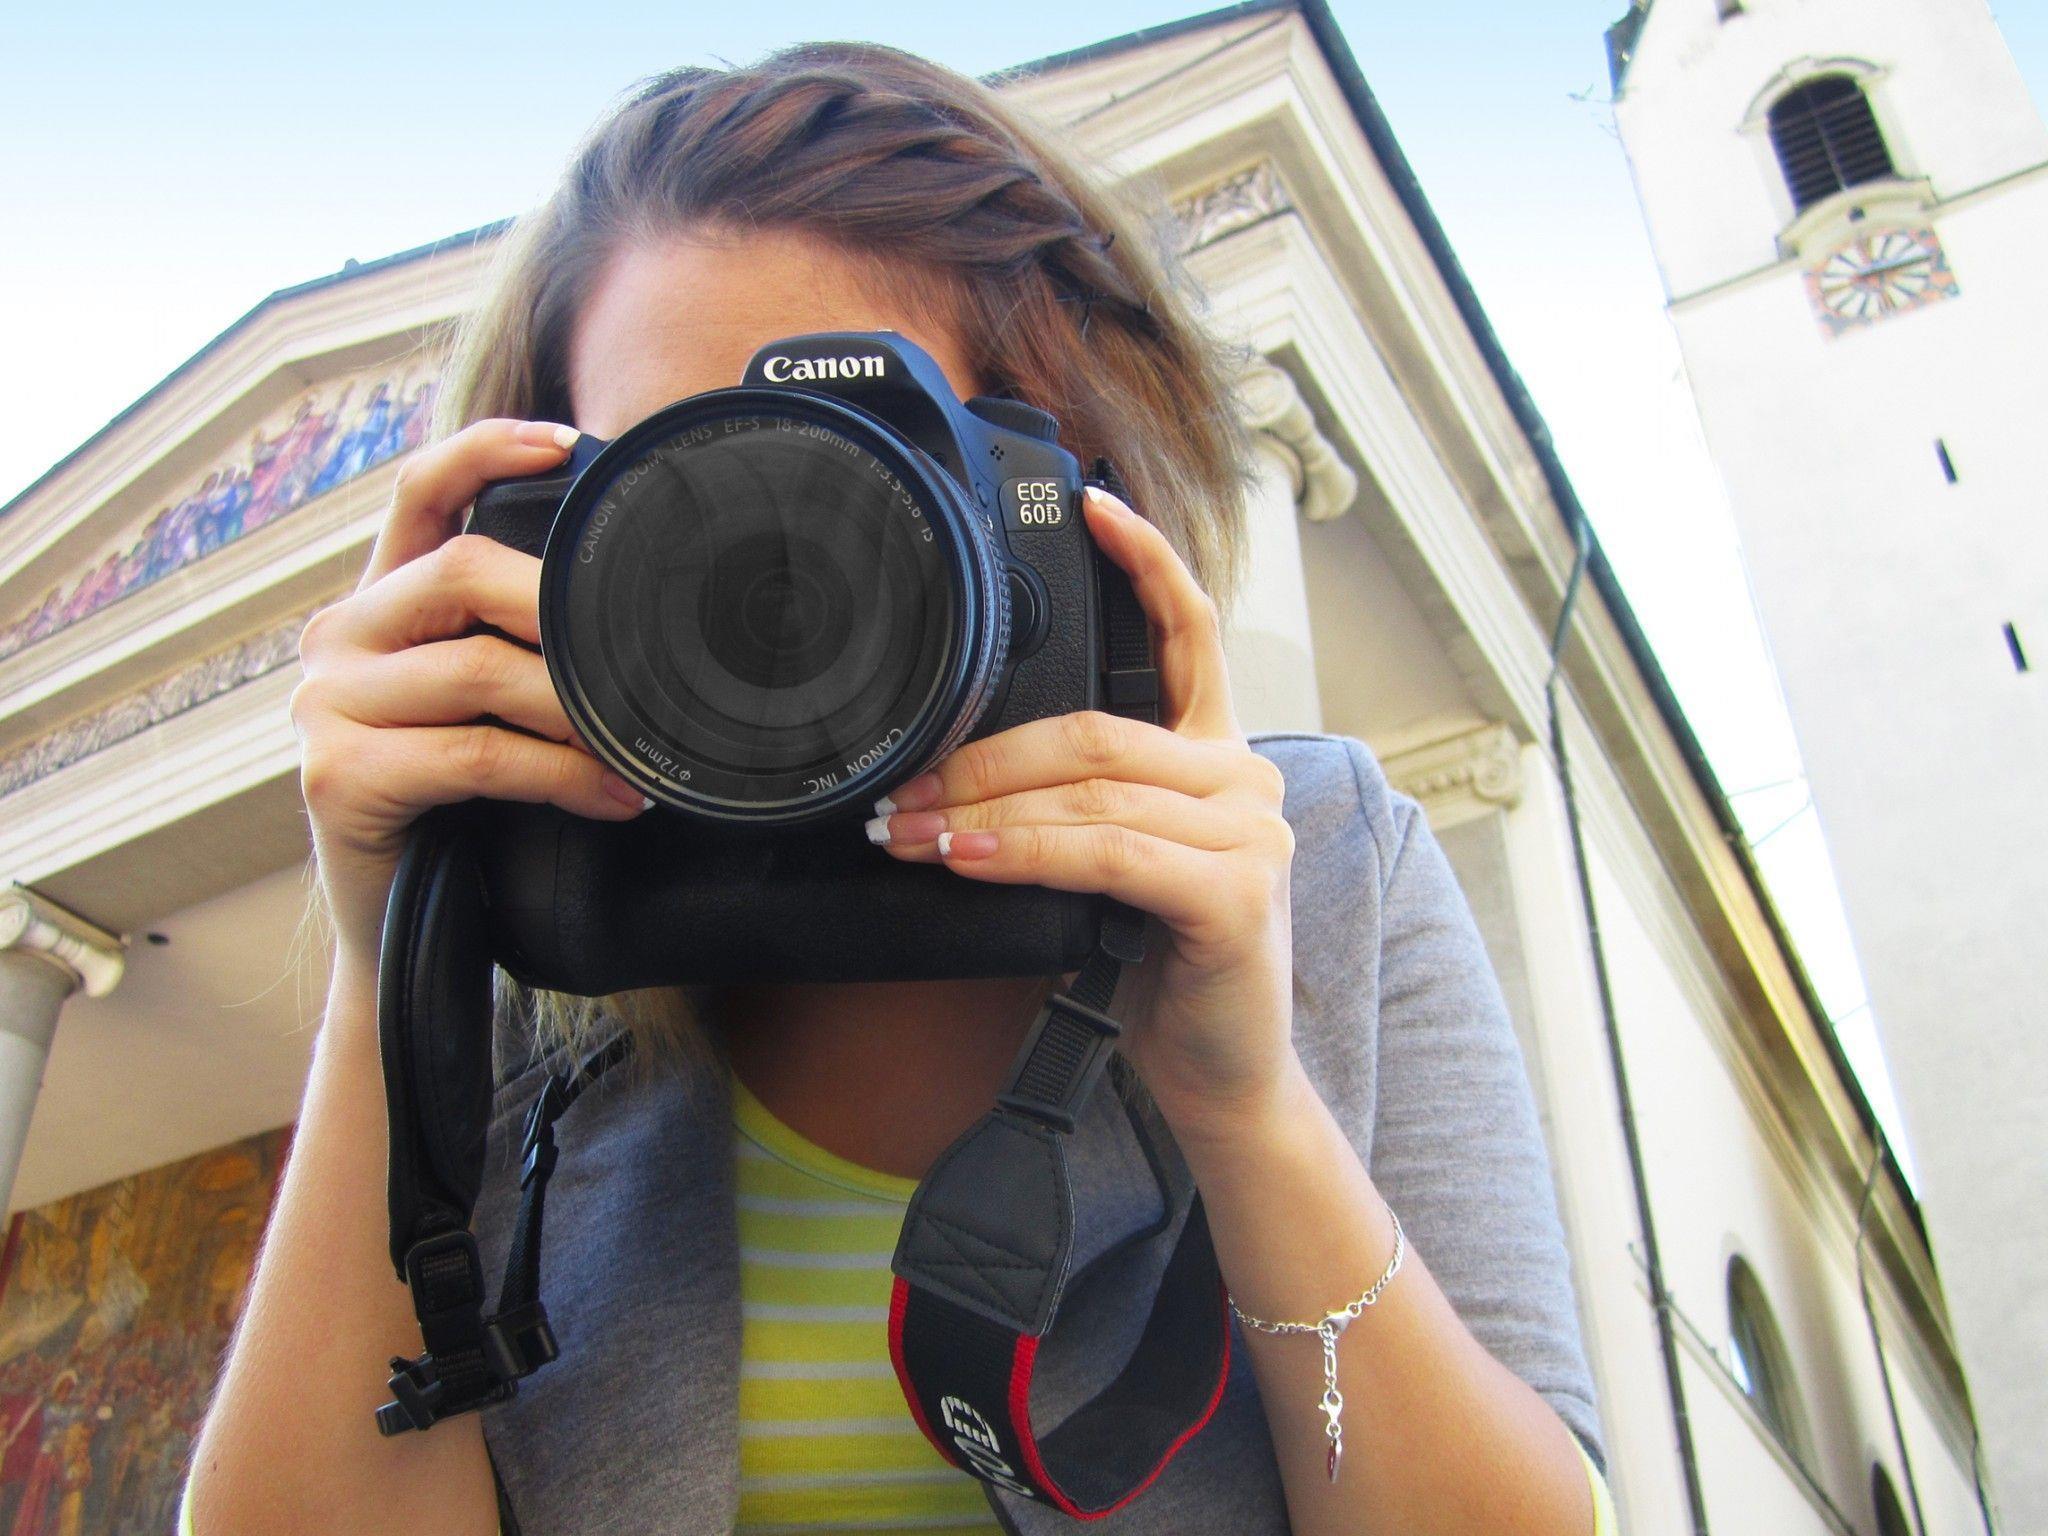 Am 6. Oktober startet der 3. Fotomarathon - seid dabei!